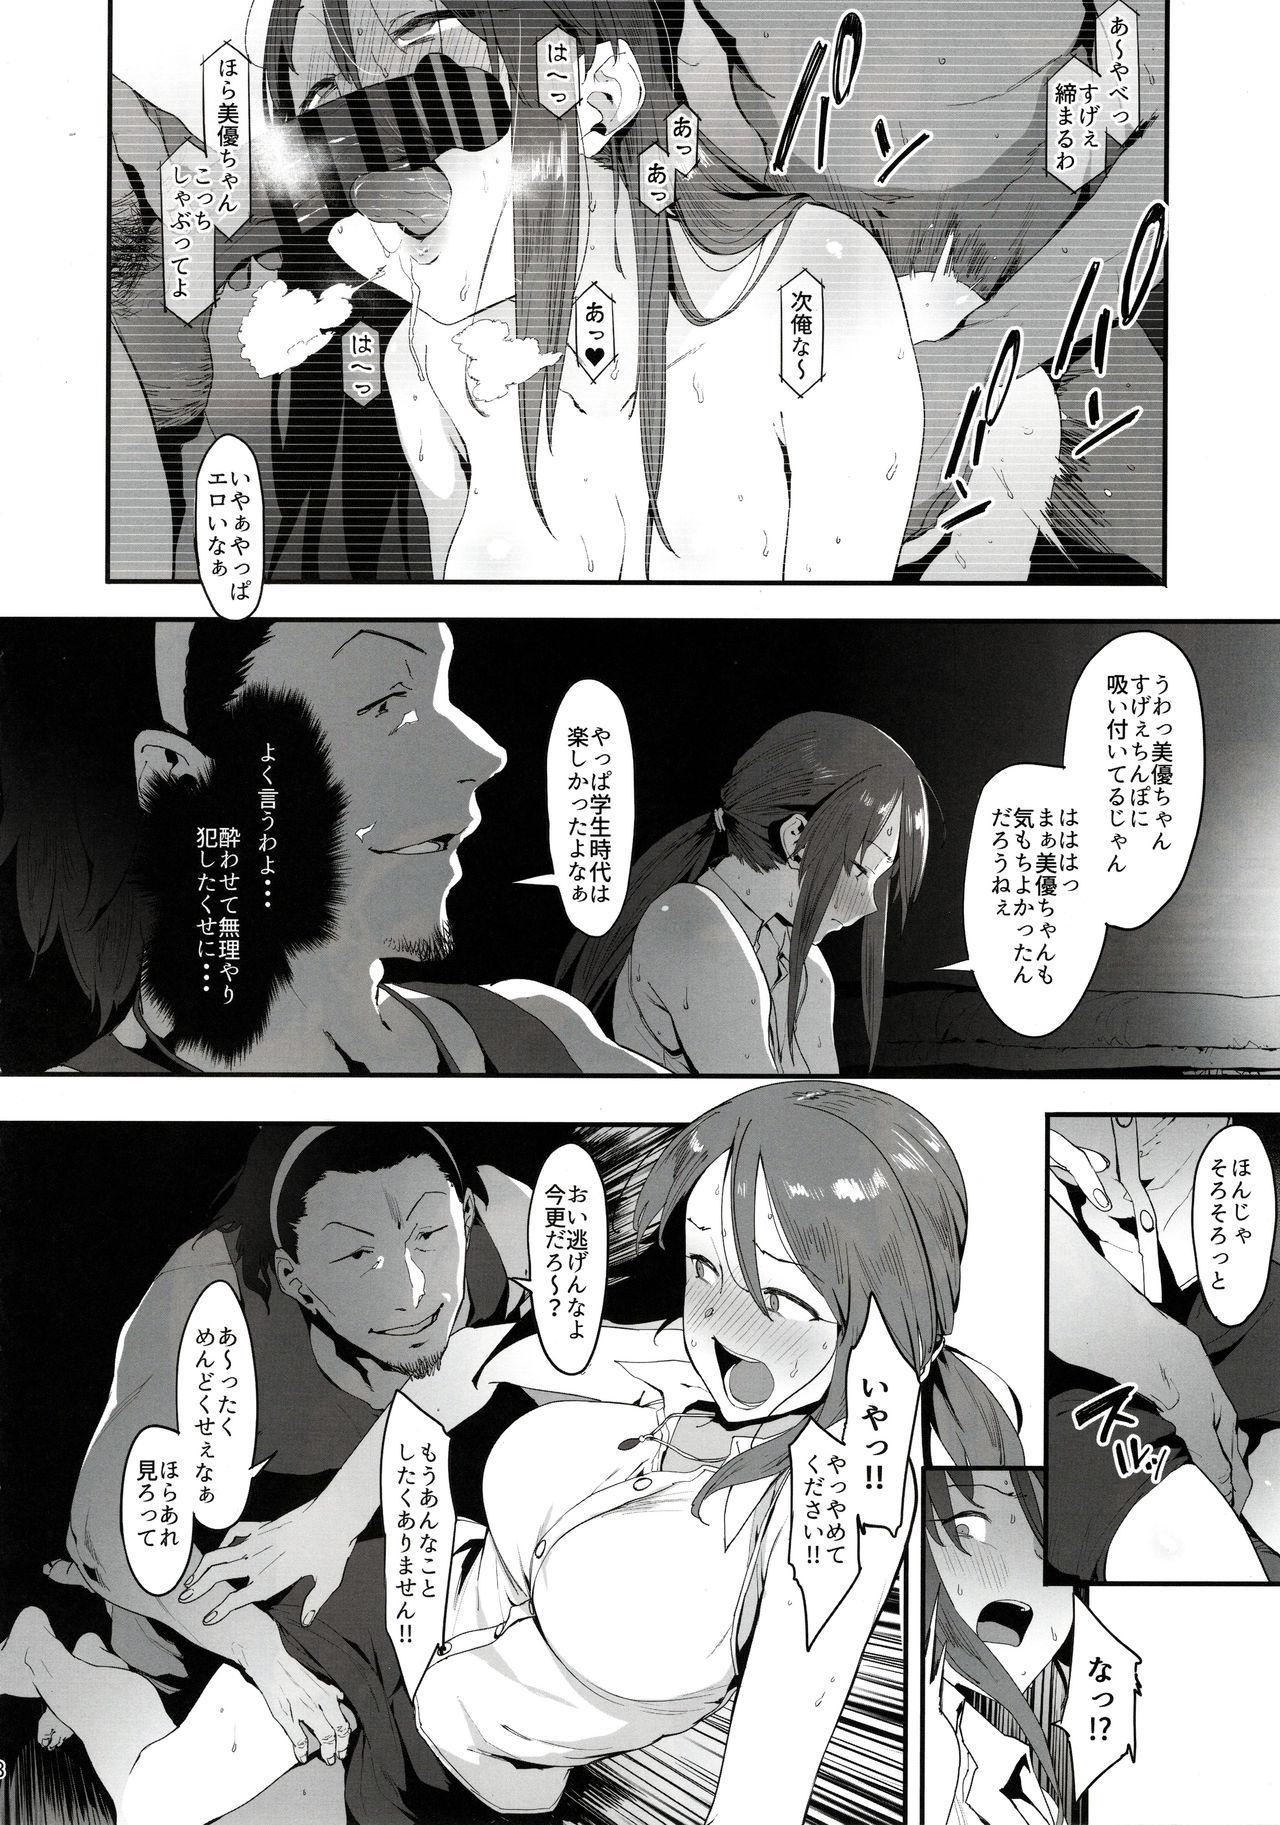 Mifune Miyu no Koukai 6